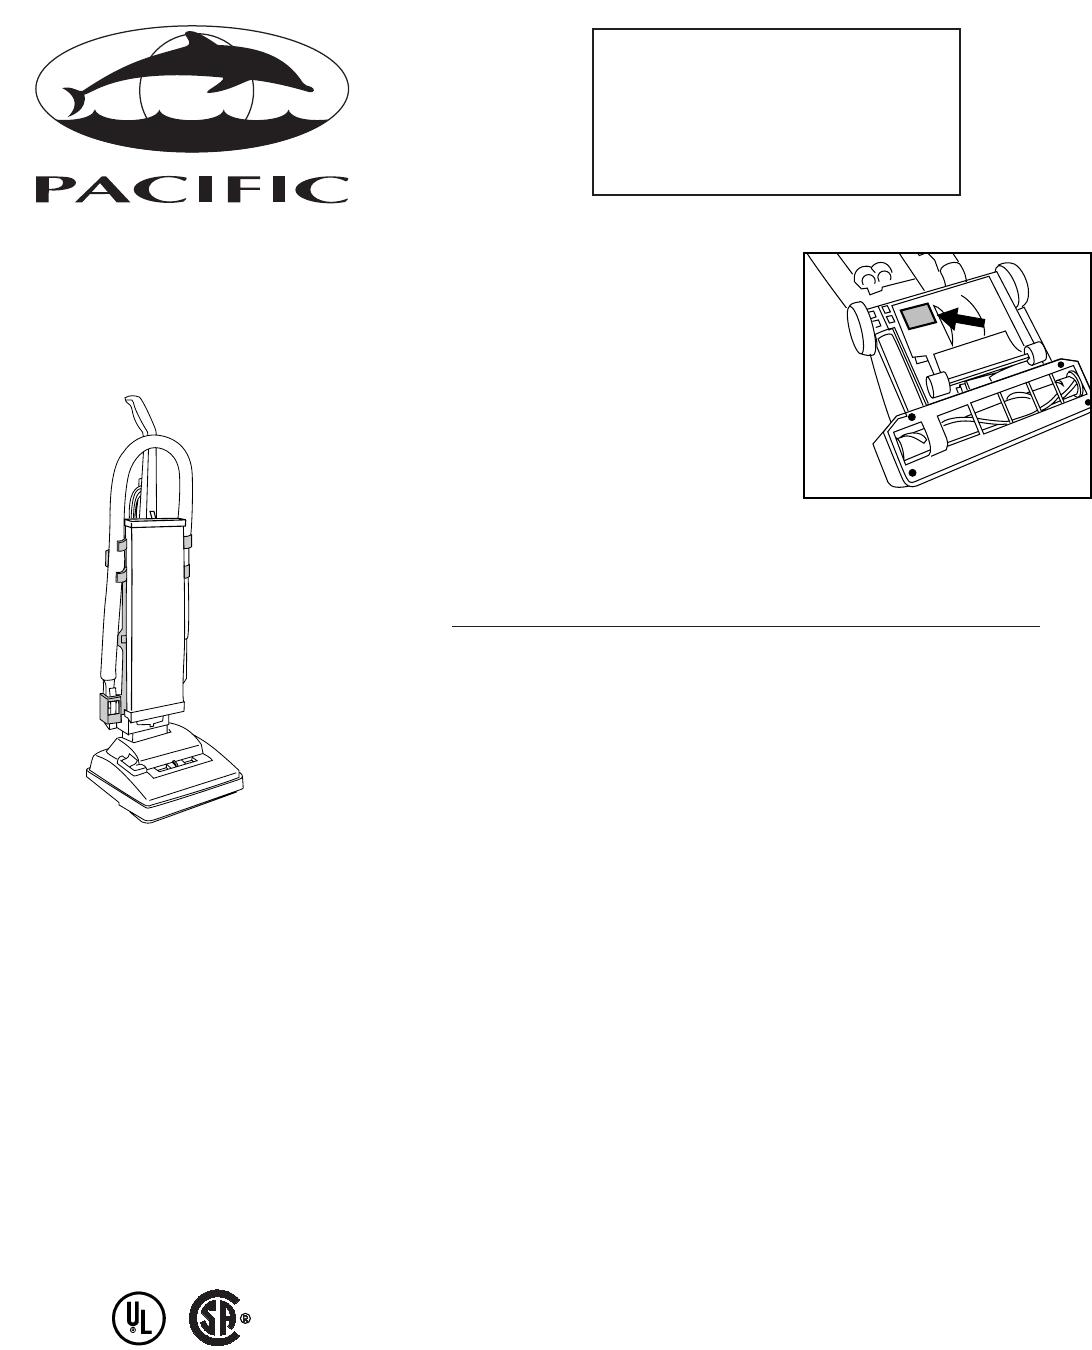 Pacific Digital Vacuum Cleaner Upright Vacuum Cleaner User